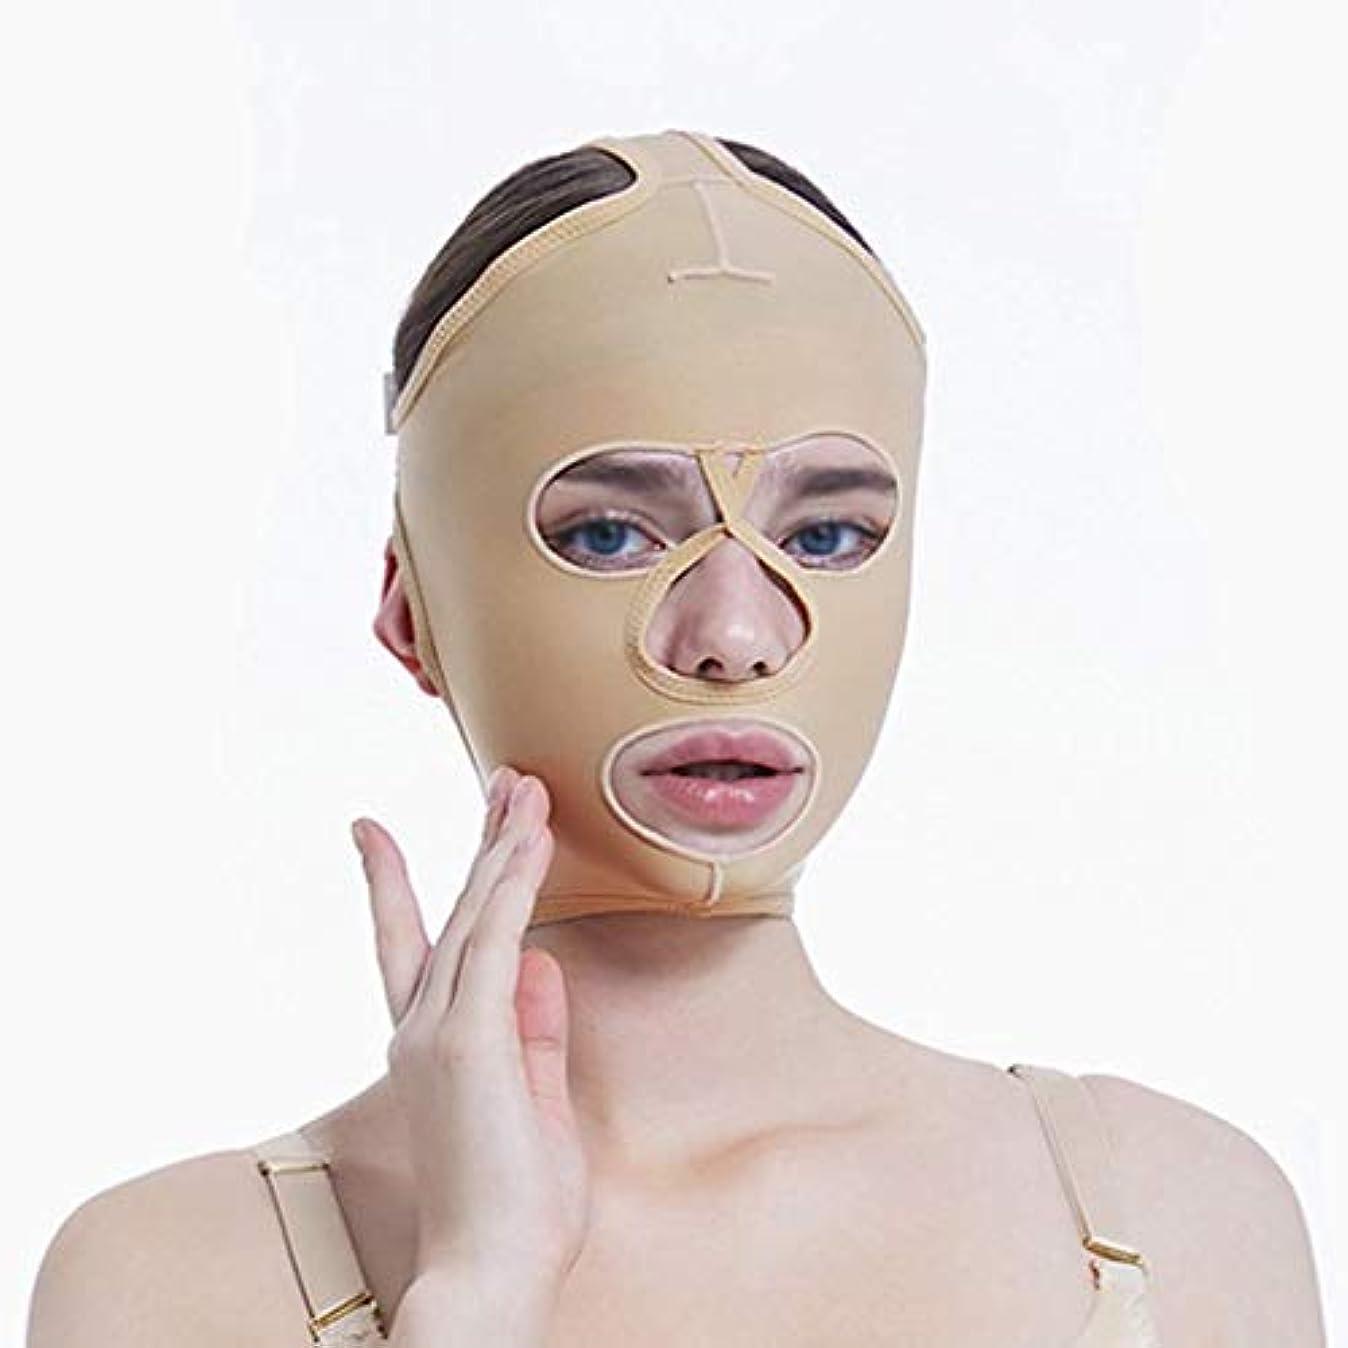 ファン軌道熱チンリフティングベルト、超薄型ベルト、引き締めマスク、包帯吊り、フェイスリフティングマスク、超薄型ベルト、通気性(サイズ:L),XS